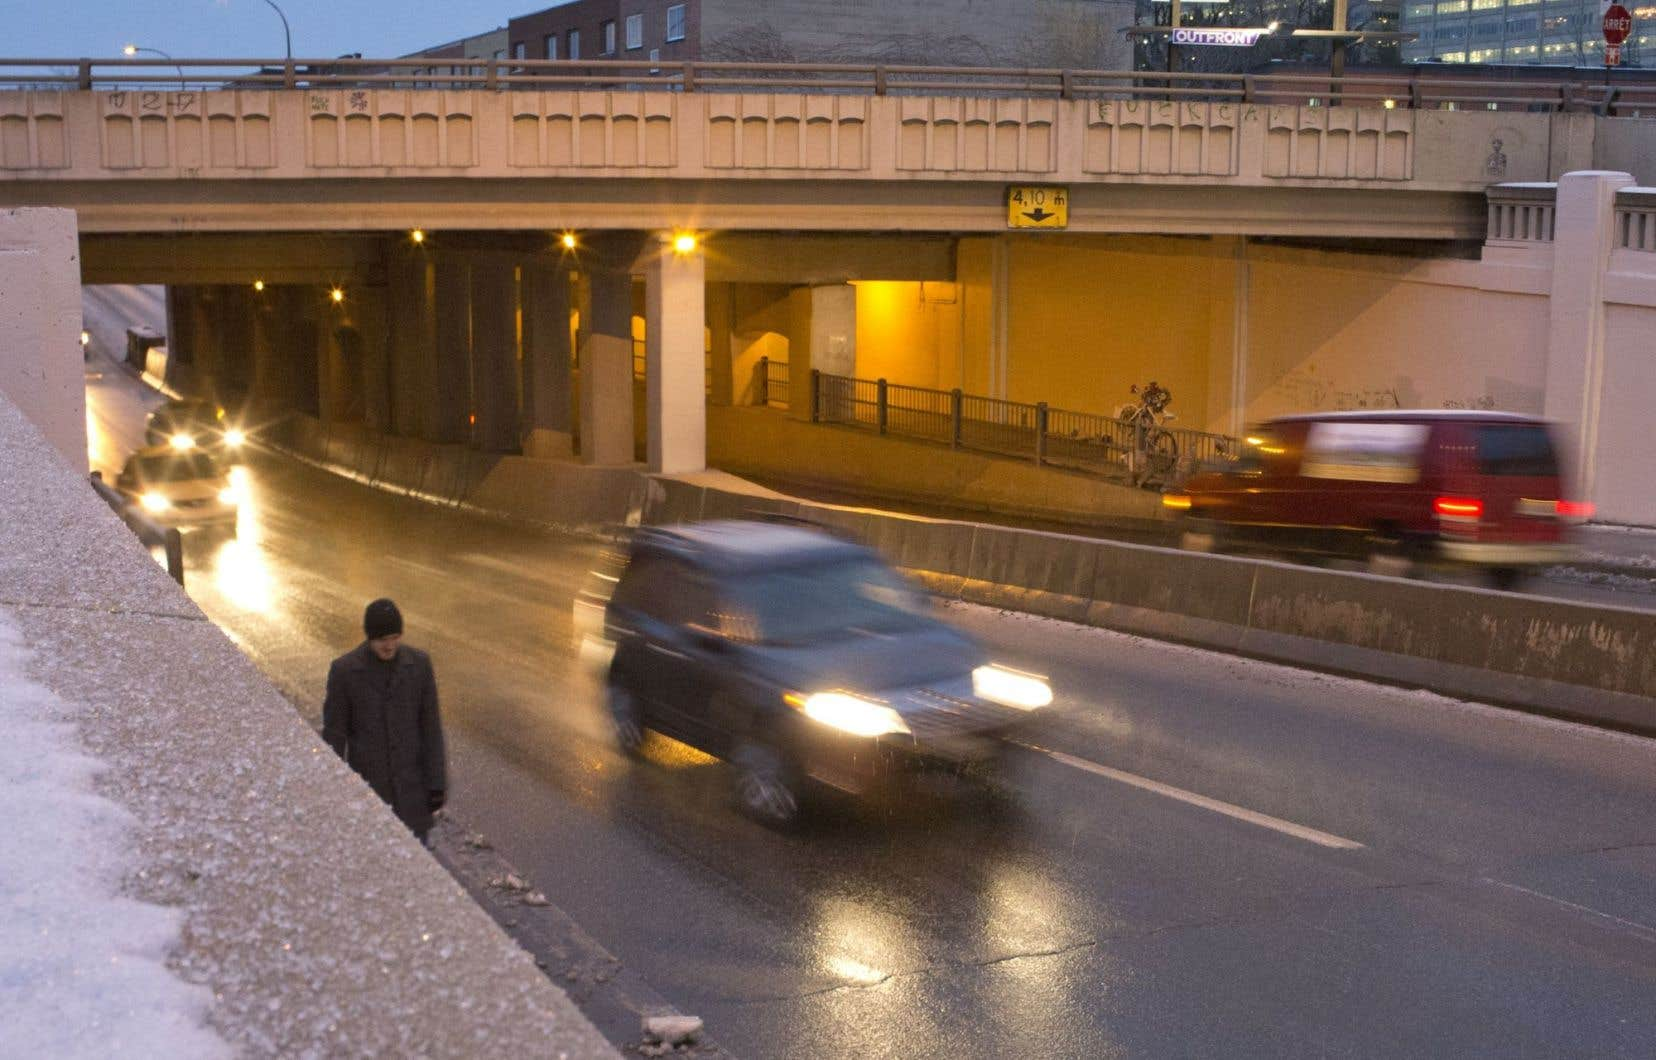 À Montréal, la majorité des piétons sont blessés sur les artères achalandées telles que la rue Saint-Denis et le boulevard Saint-Laurent. Les rails paraissent donc plus sécuritaires aux piétons même s'ils risquent un constat d'infraction.